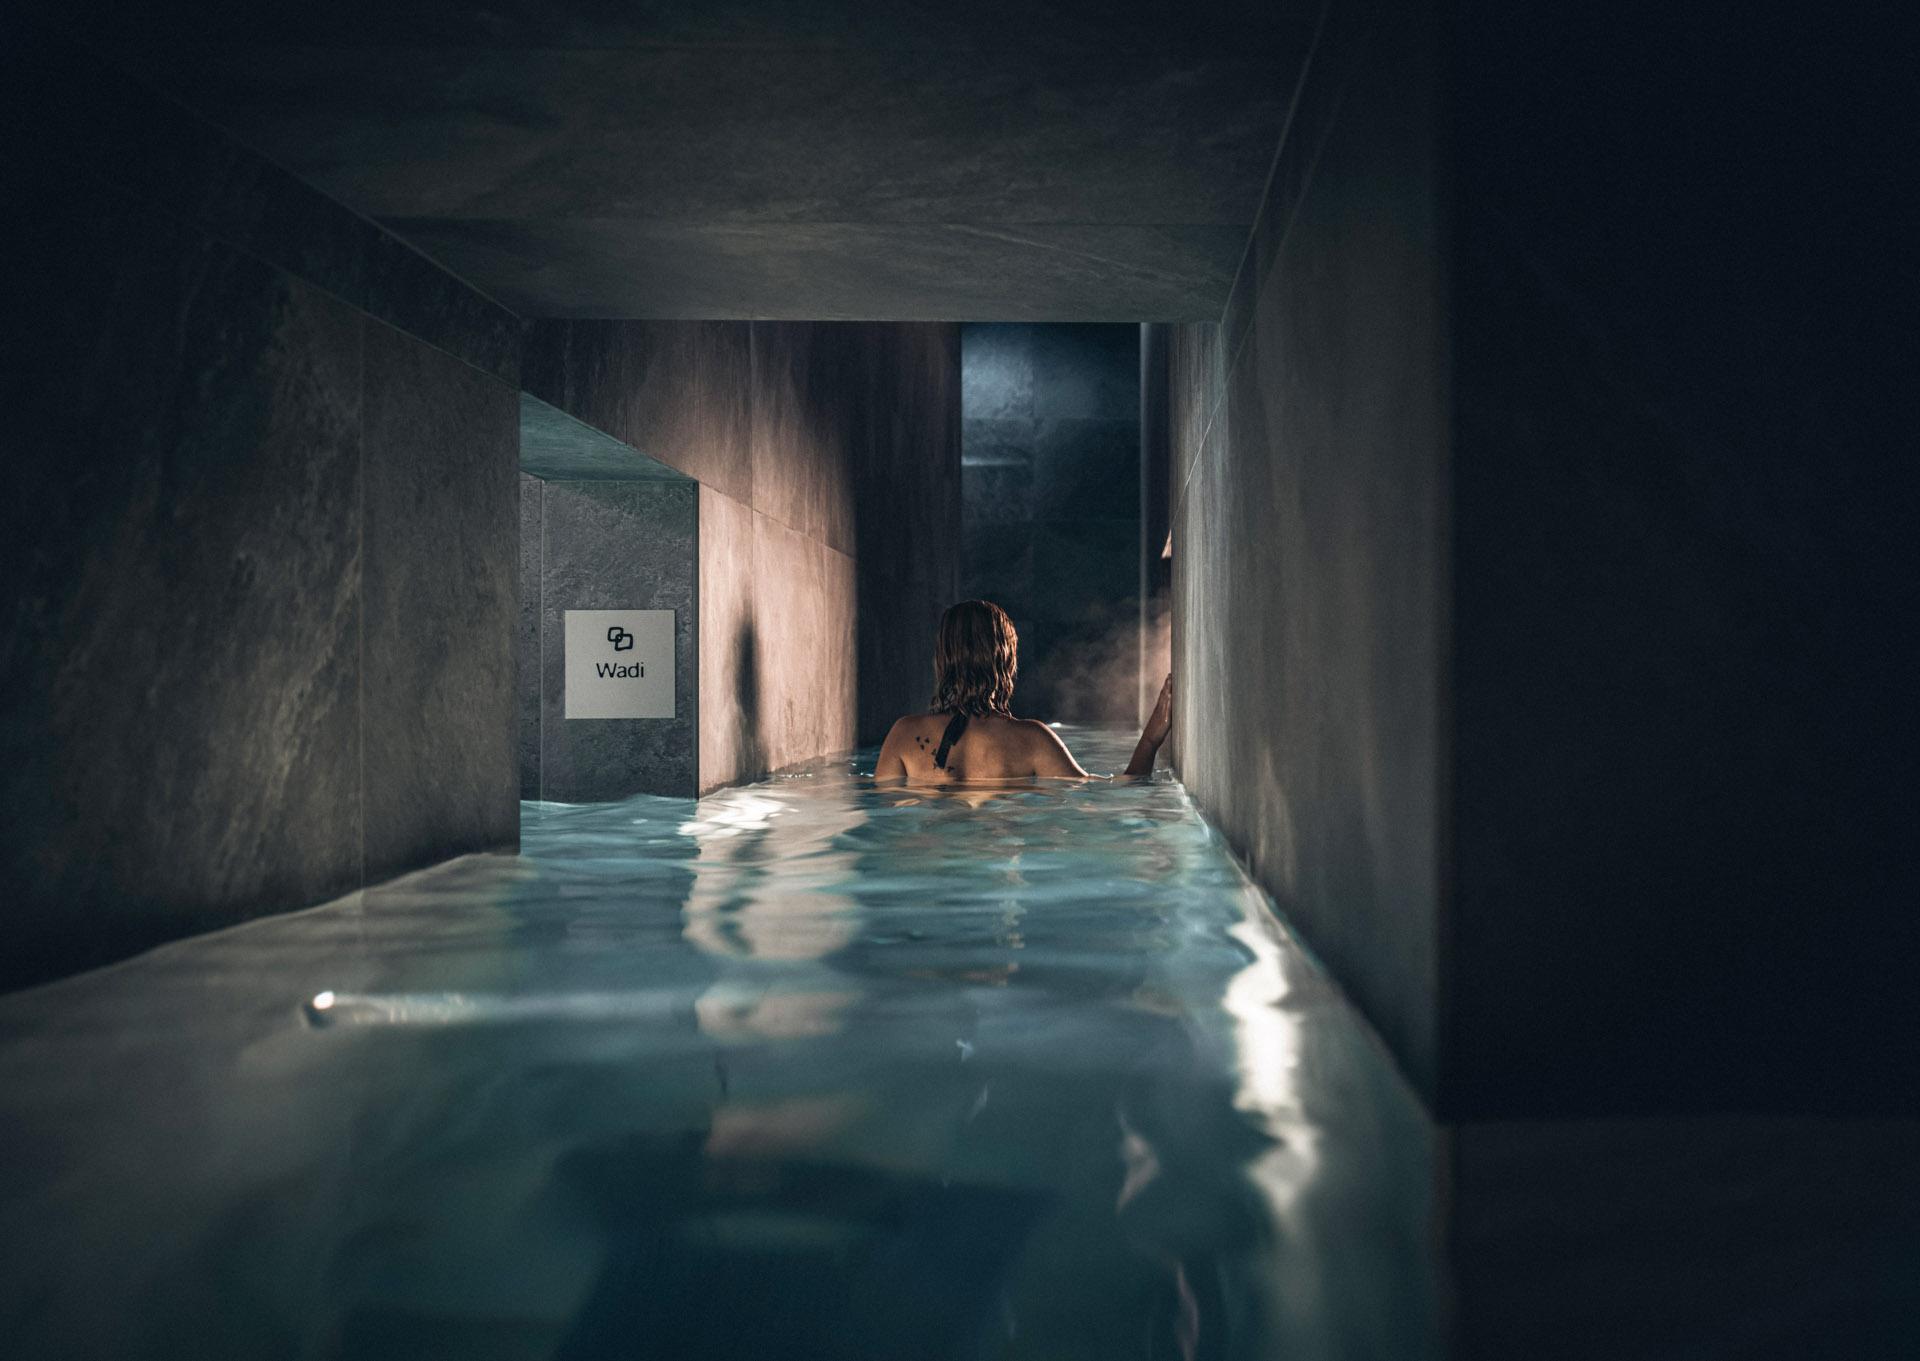 Les couloirs aquatiques desservent des salles aux atmosphères toutes différentes © DR